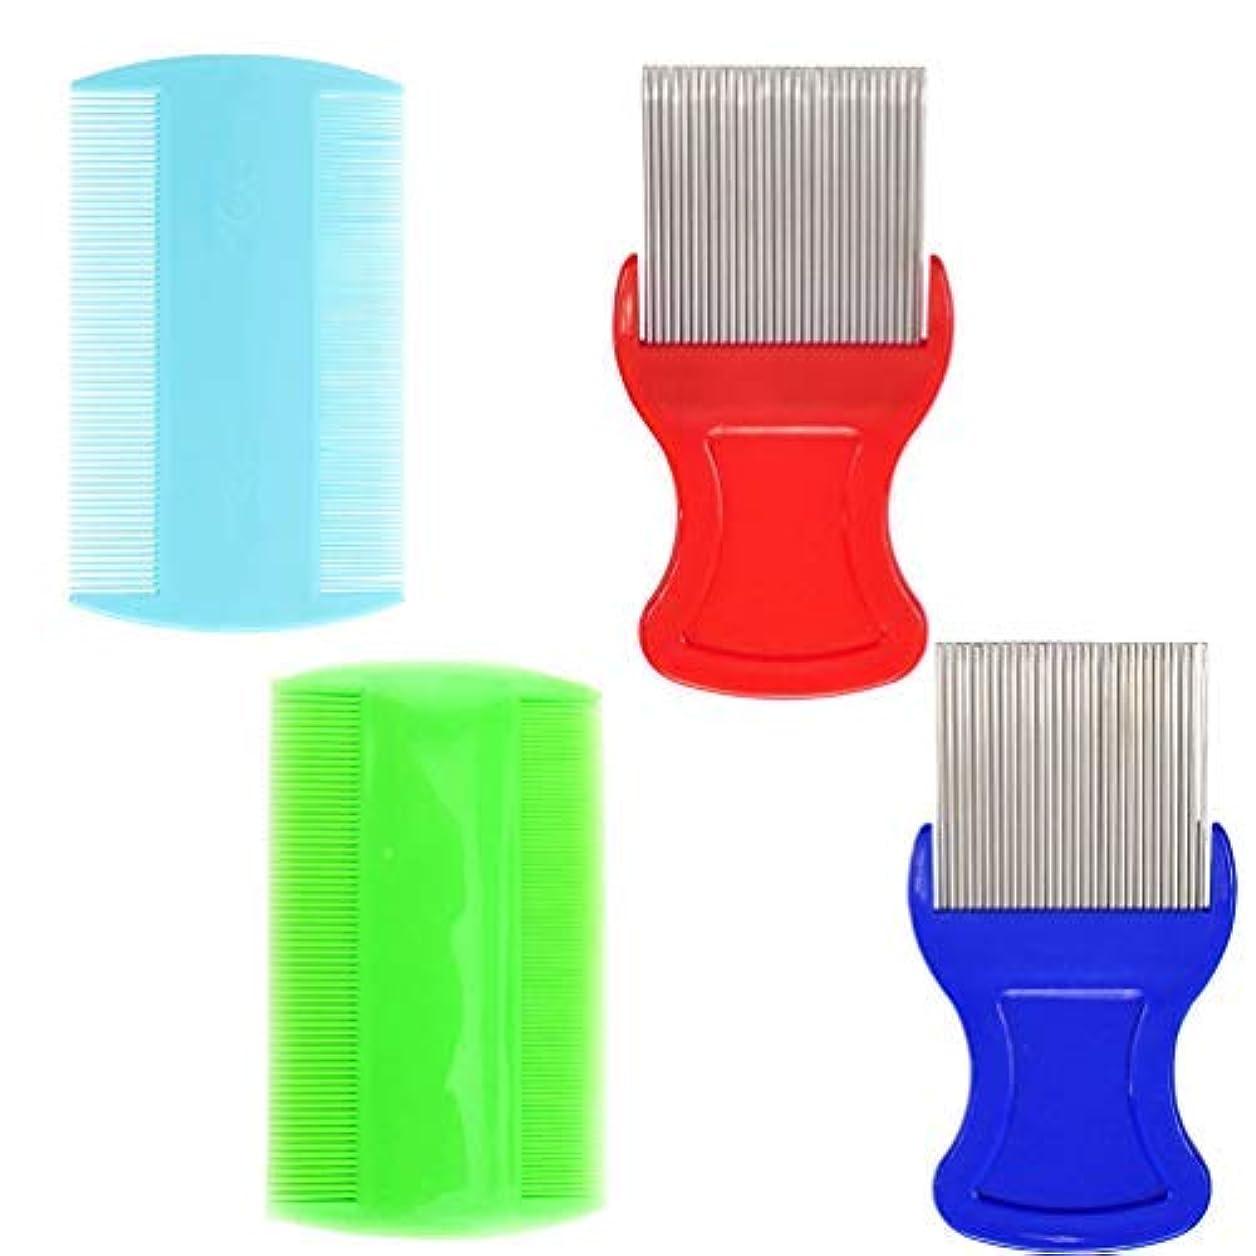 ウェーハ膨張するキャプチャーHair Comb,Fine Tooth Comb,Removing Dandruff Flakes [並行輸入品]